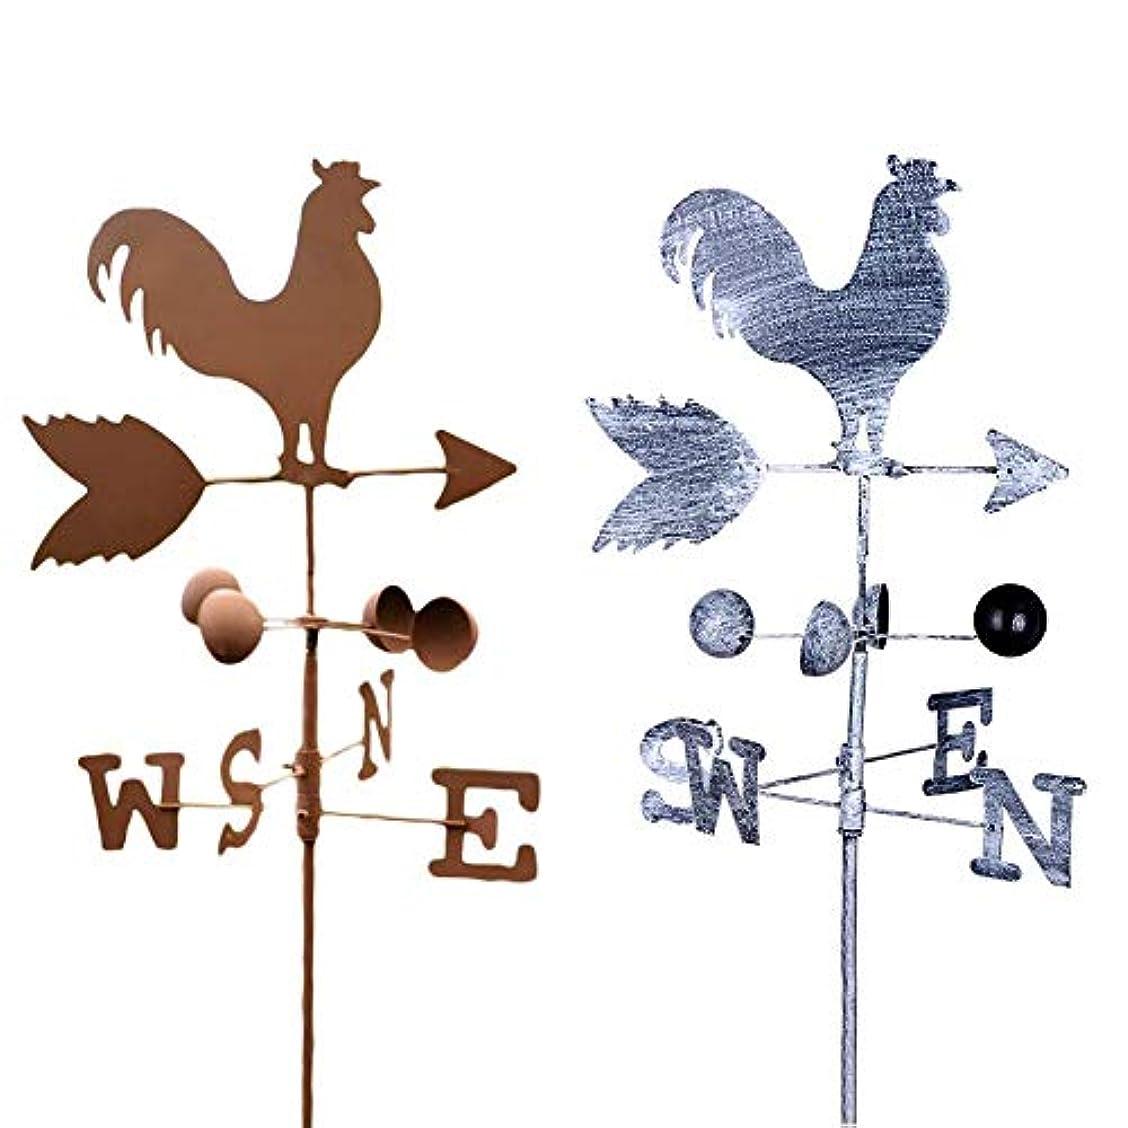 掃除中爆風レトロスタイル、ゴールデンチキン形状、風見鶏、金属鉄、風速微調整、方向表示器、庭の装飾品、装飾、パティオ、120 cm